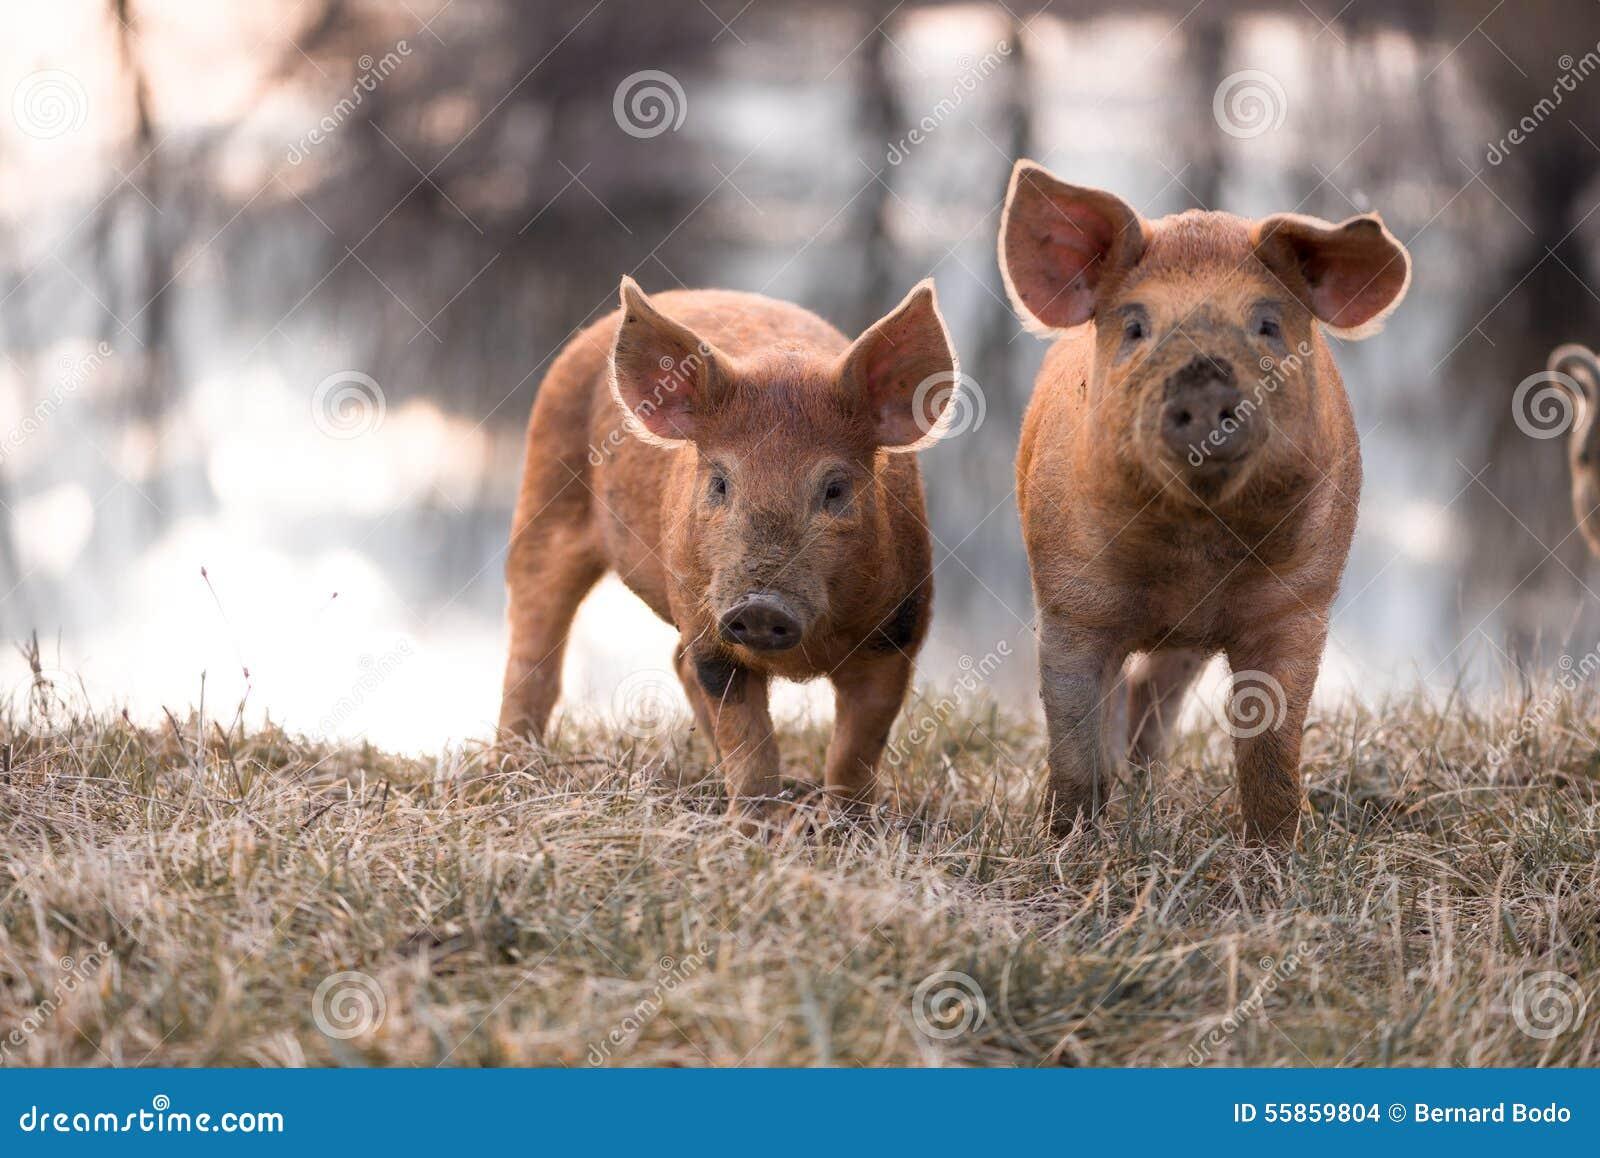 Śliczne mangalitsa świnie